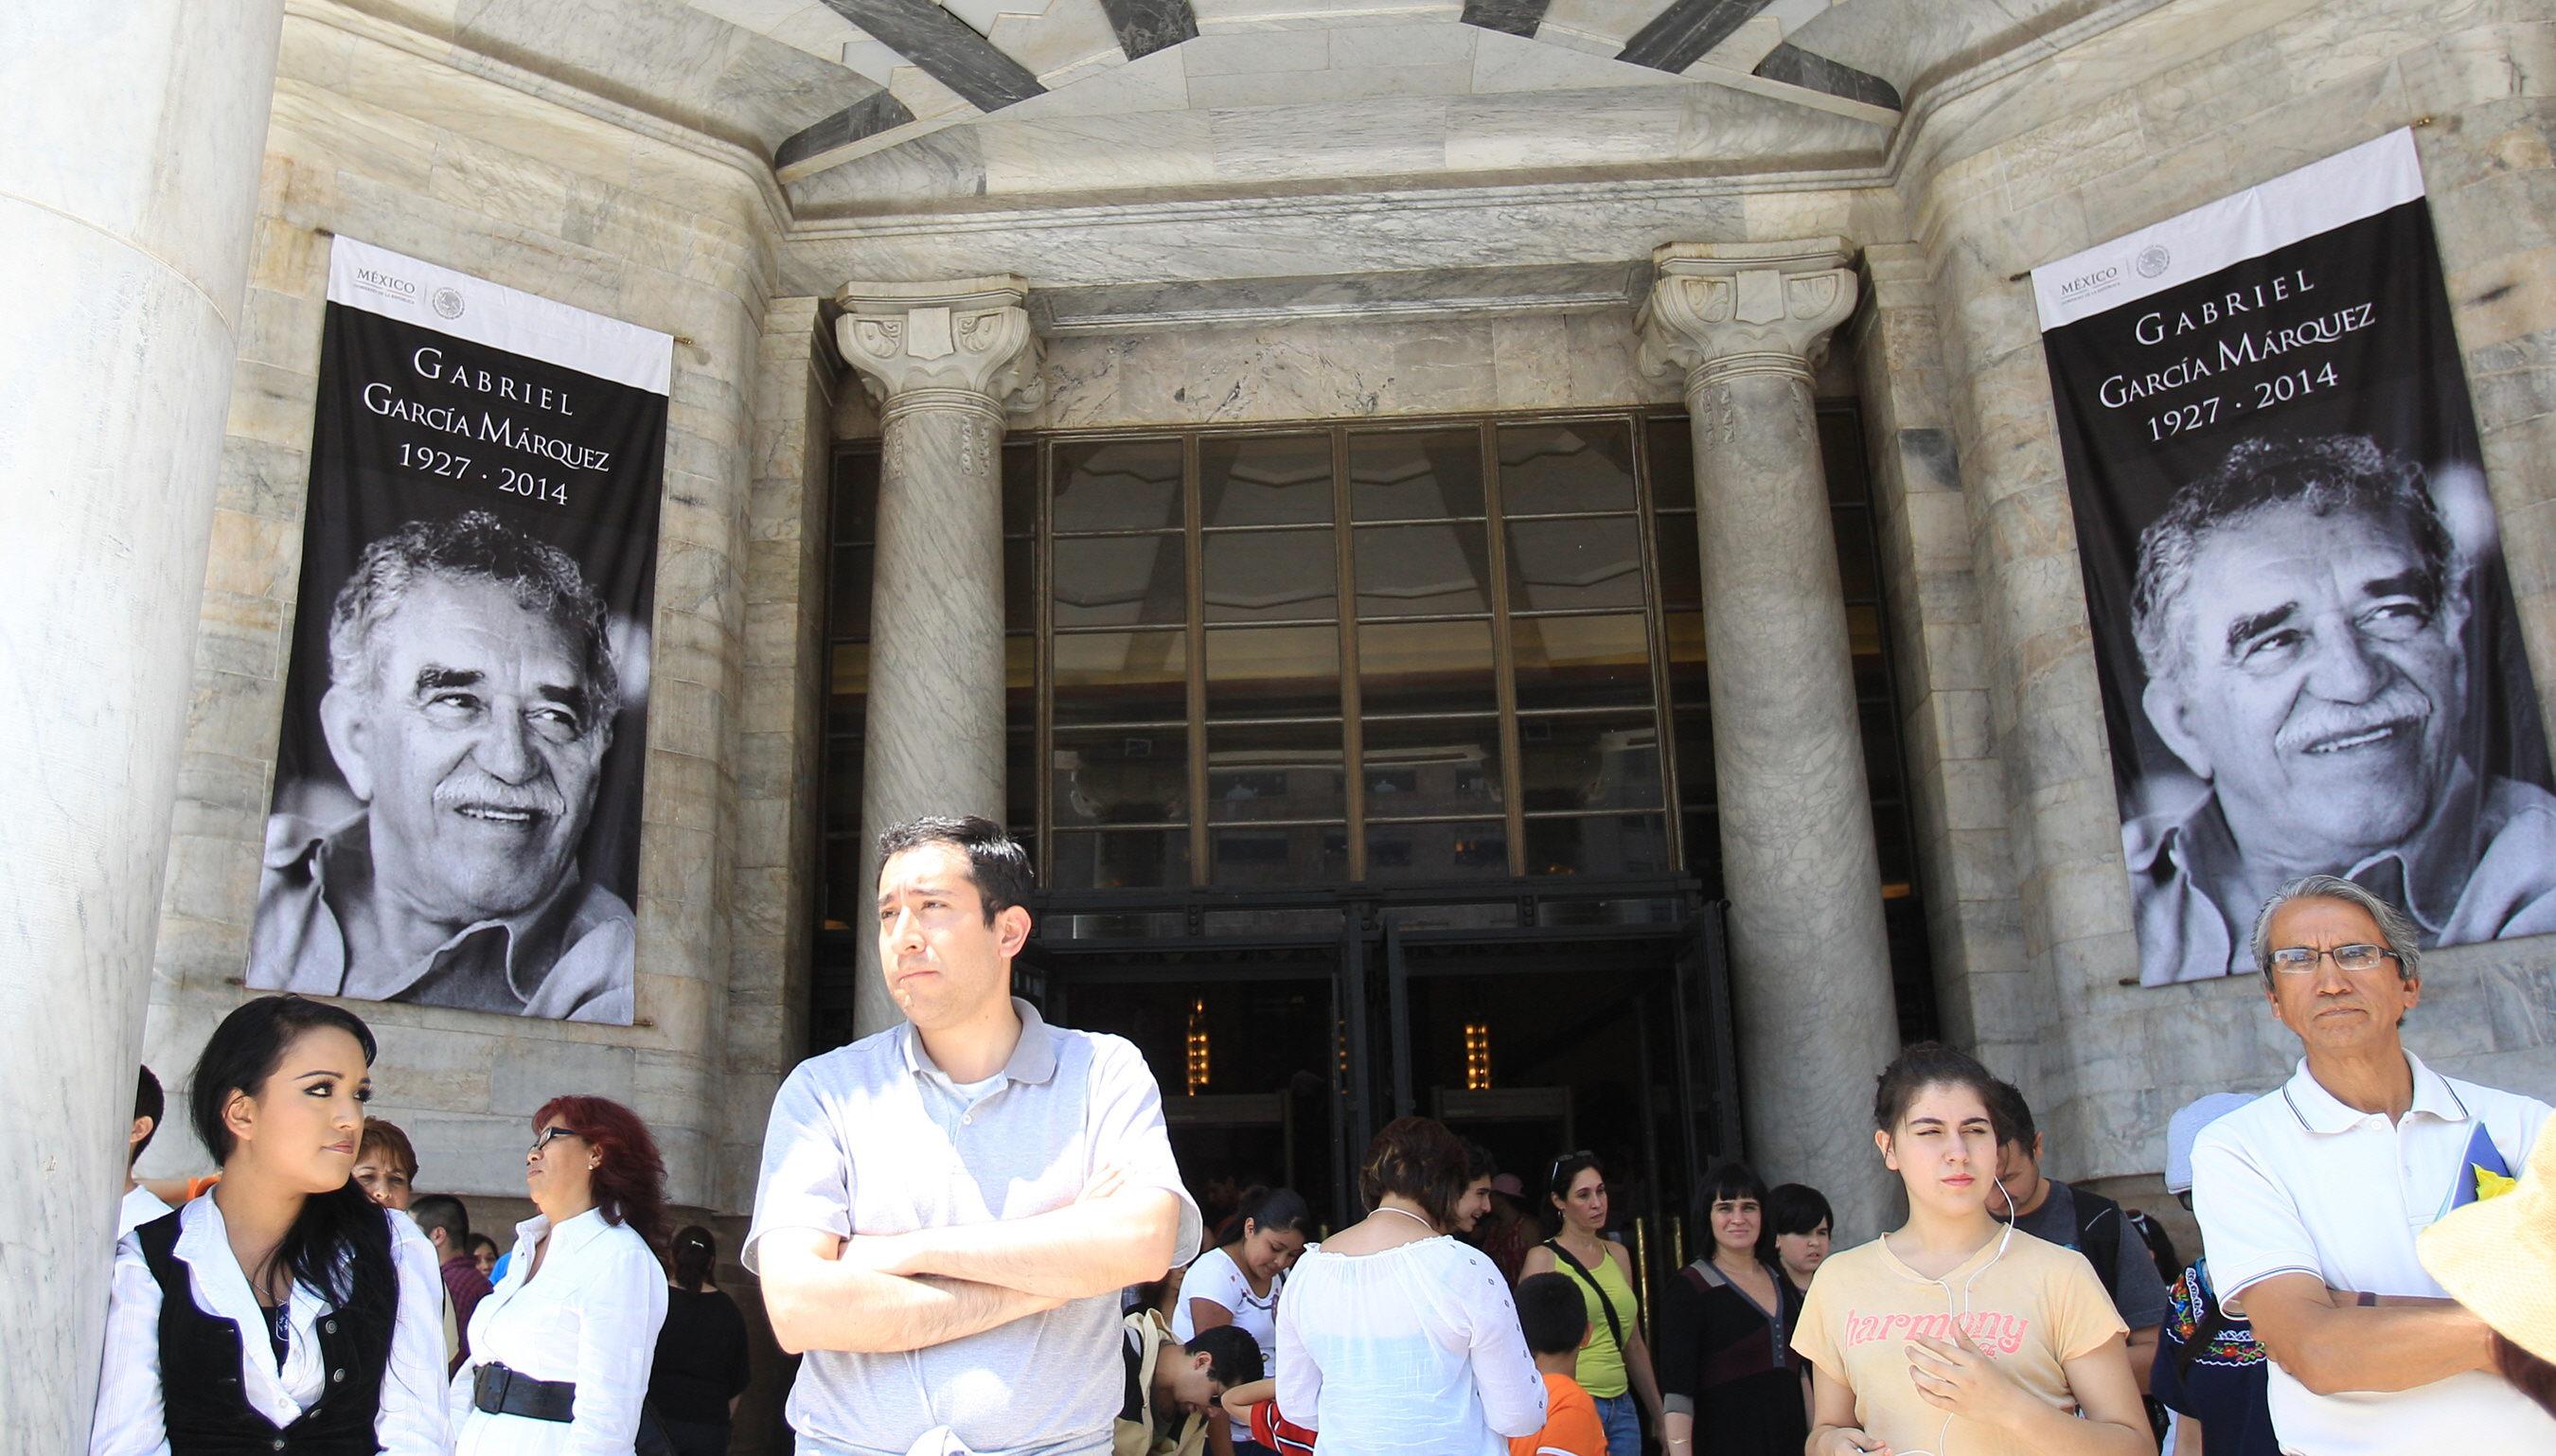 México y Colombia despiden a García Márquez con varios actos de homenaje